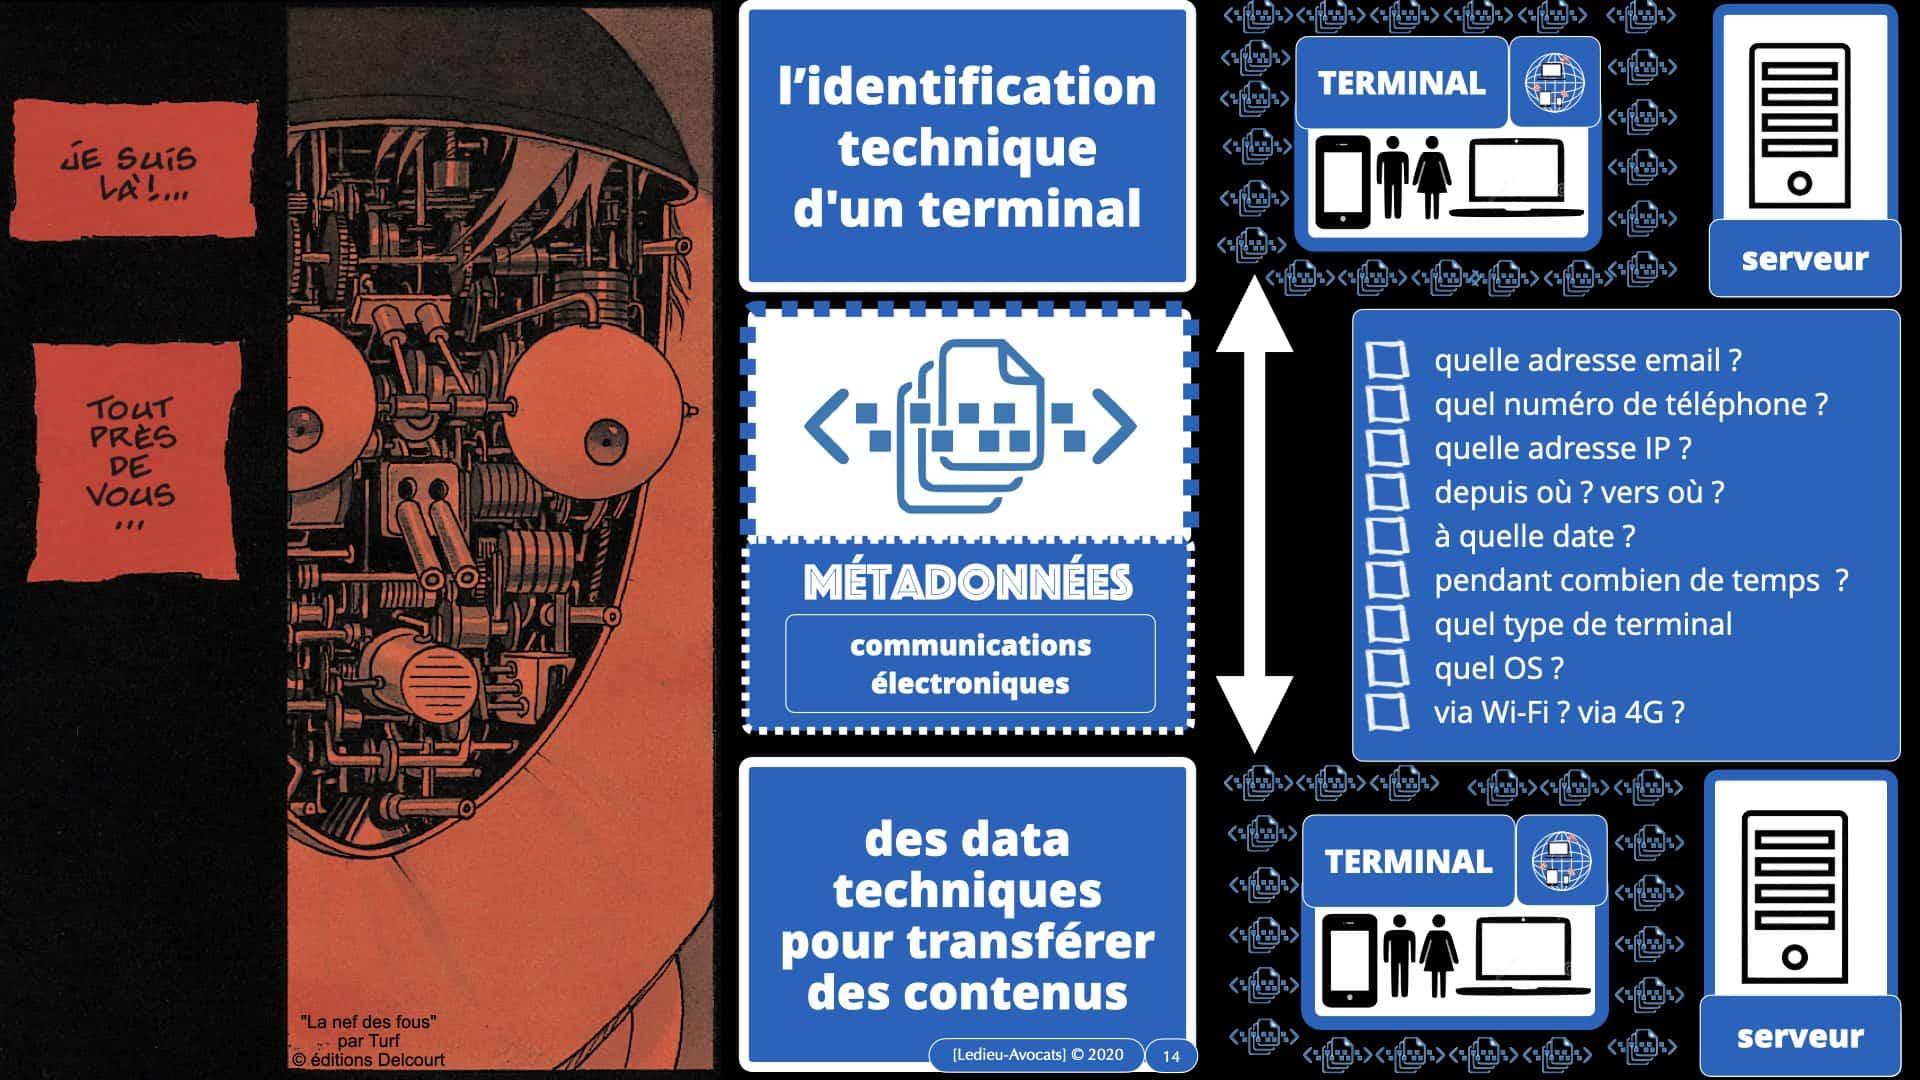 314 PRO BTP © Ledieu-avocat 03-12-2020.014